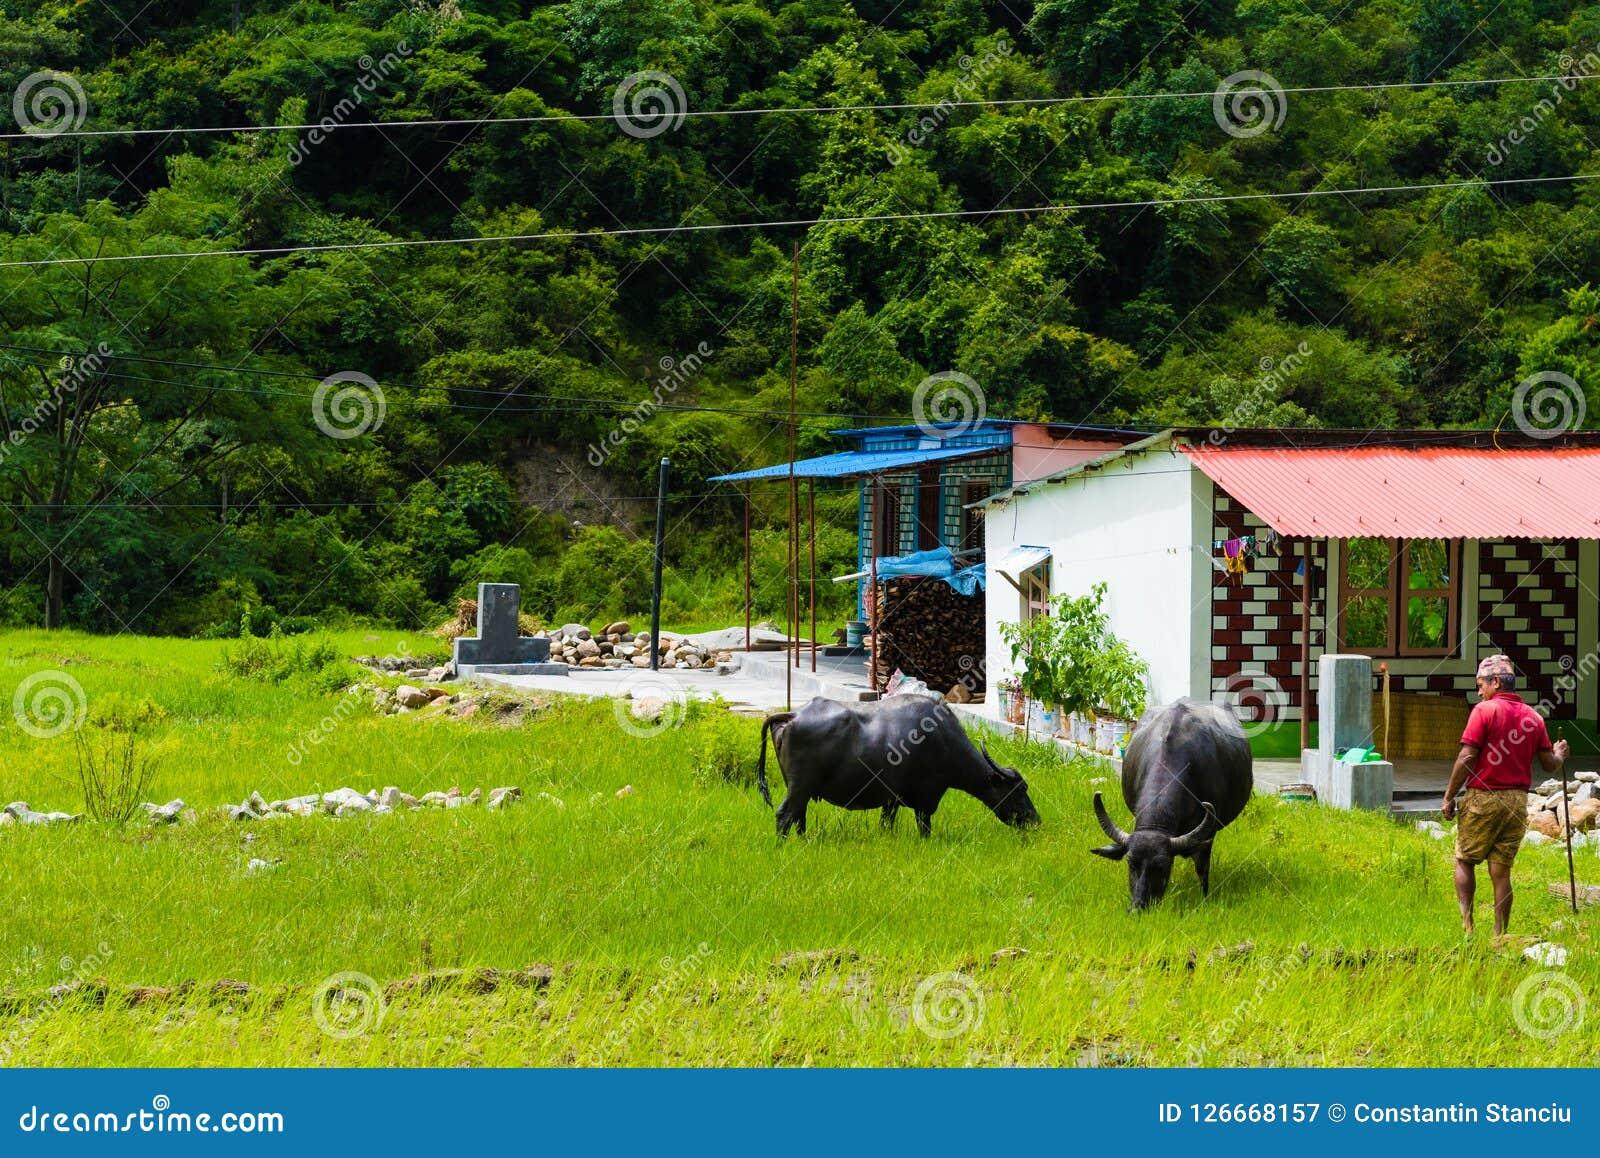 Rebanho de búfalos de água na vila rural, área da conservação de Annapurna, Nepal